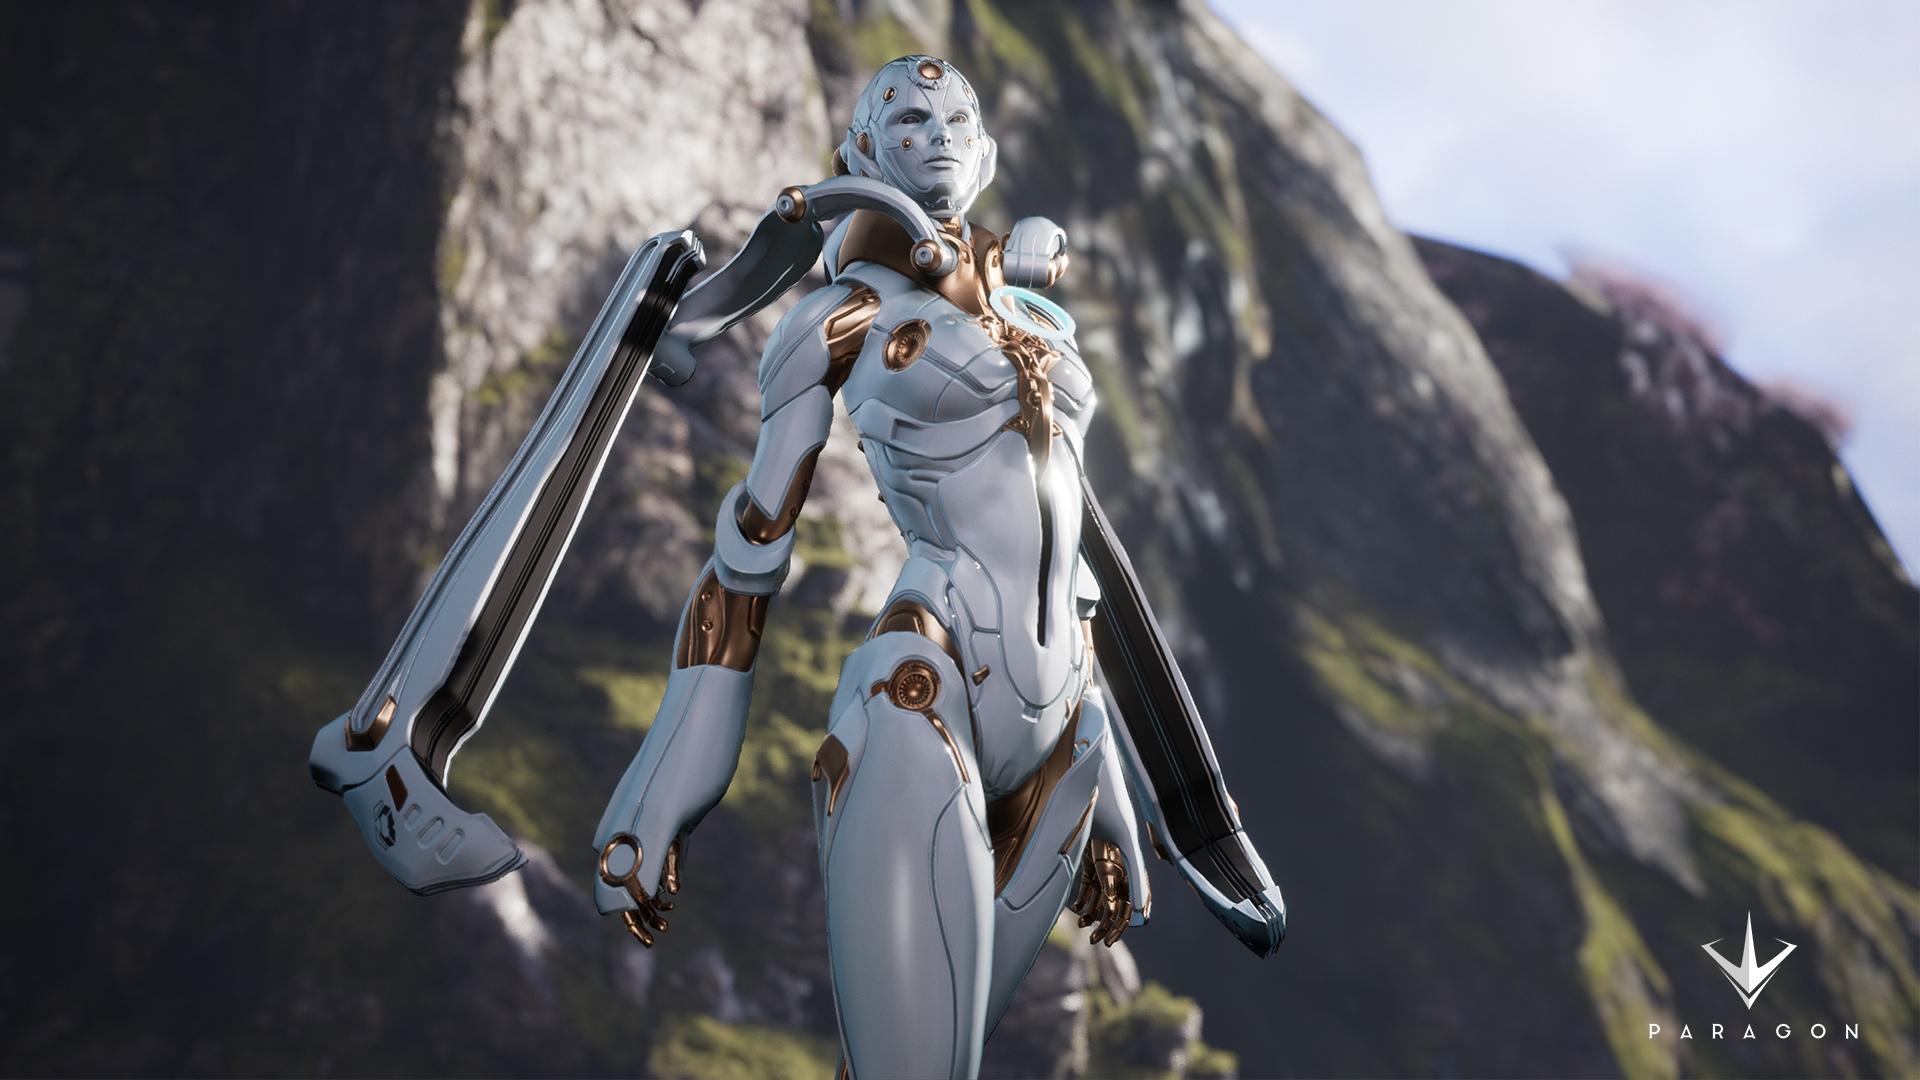 Студия Epic Games останавливает работу серверов Paragon вапреле